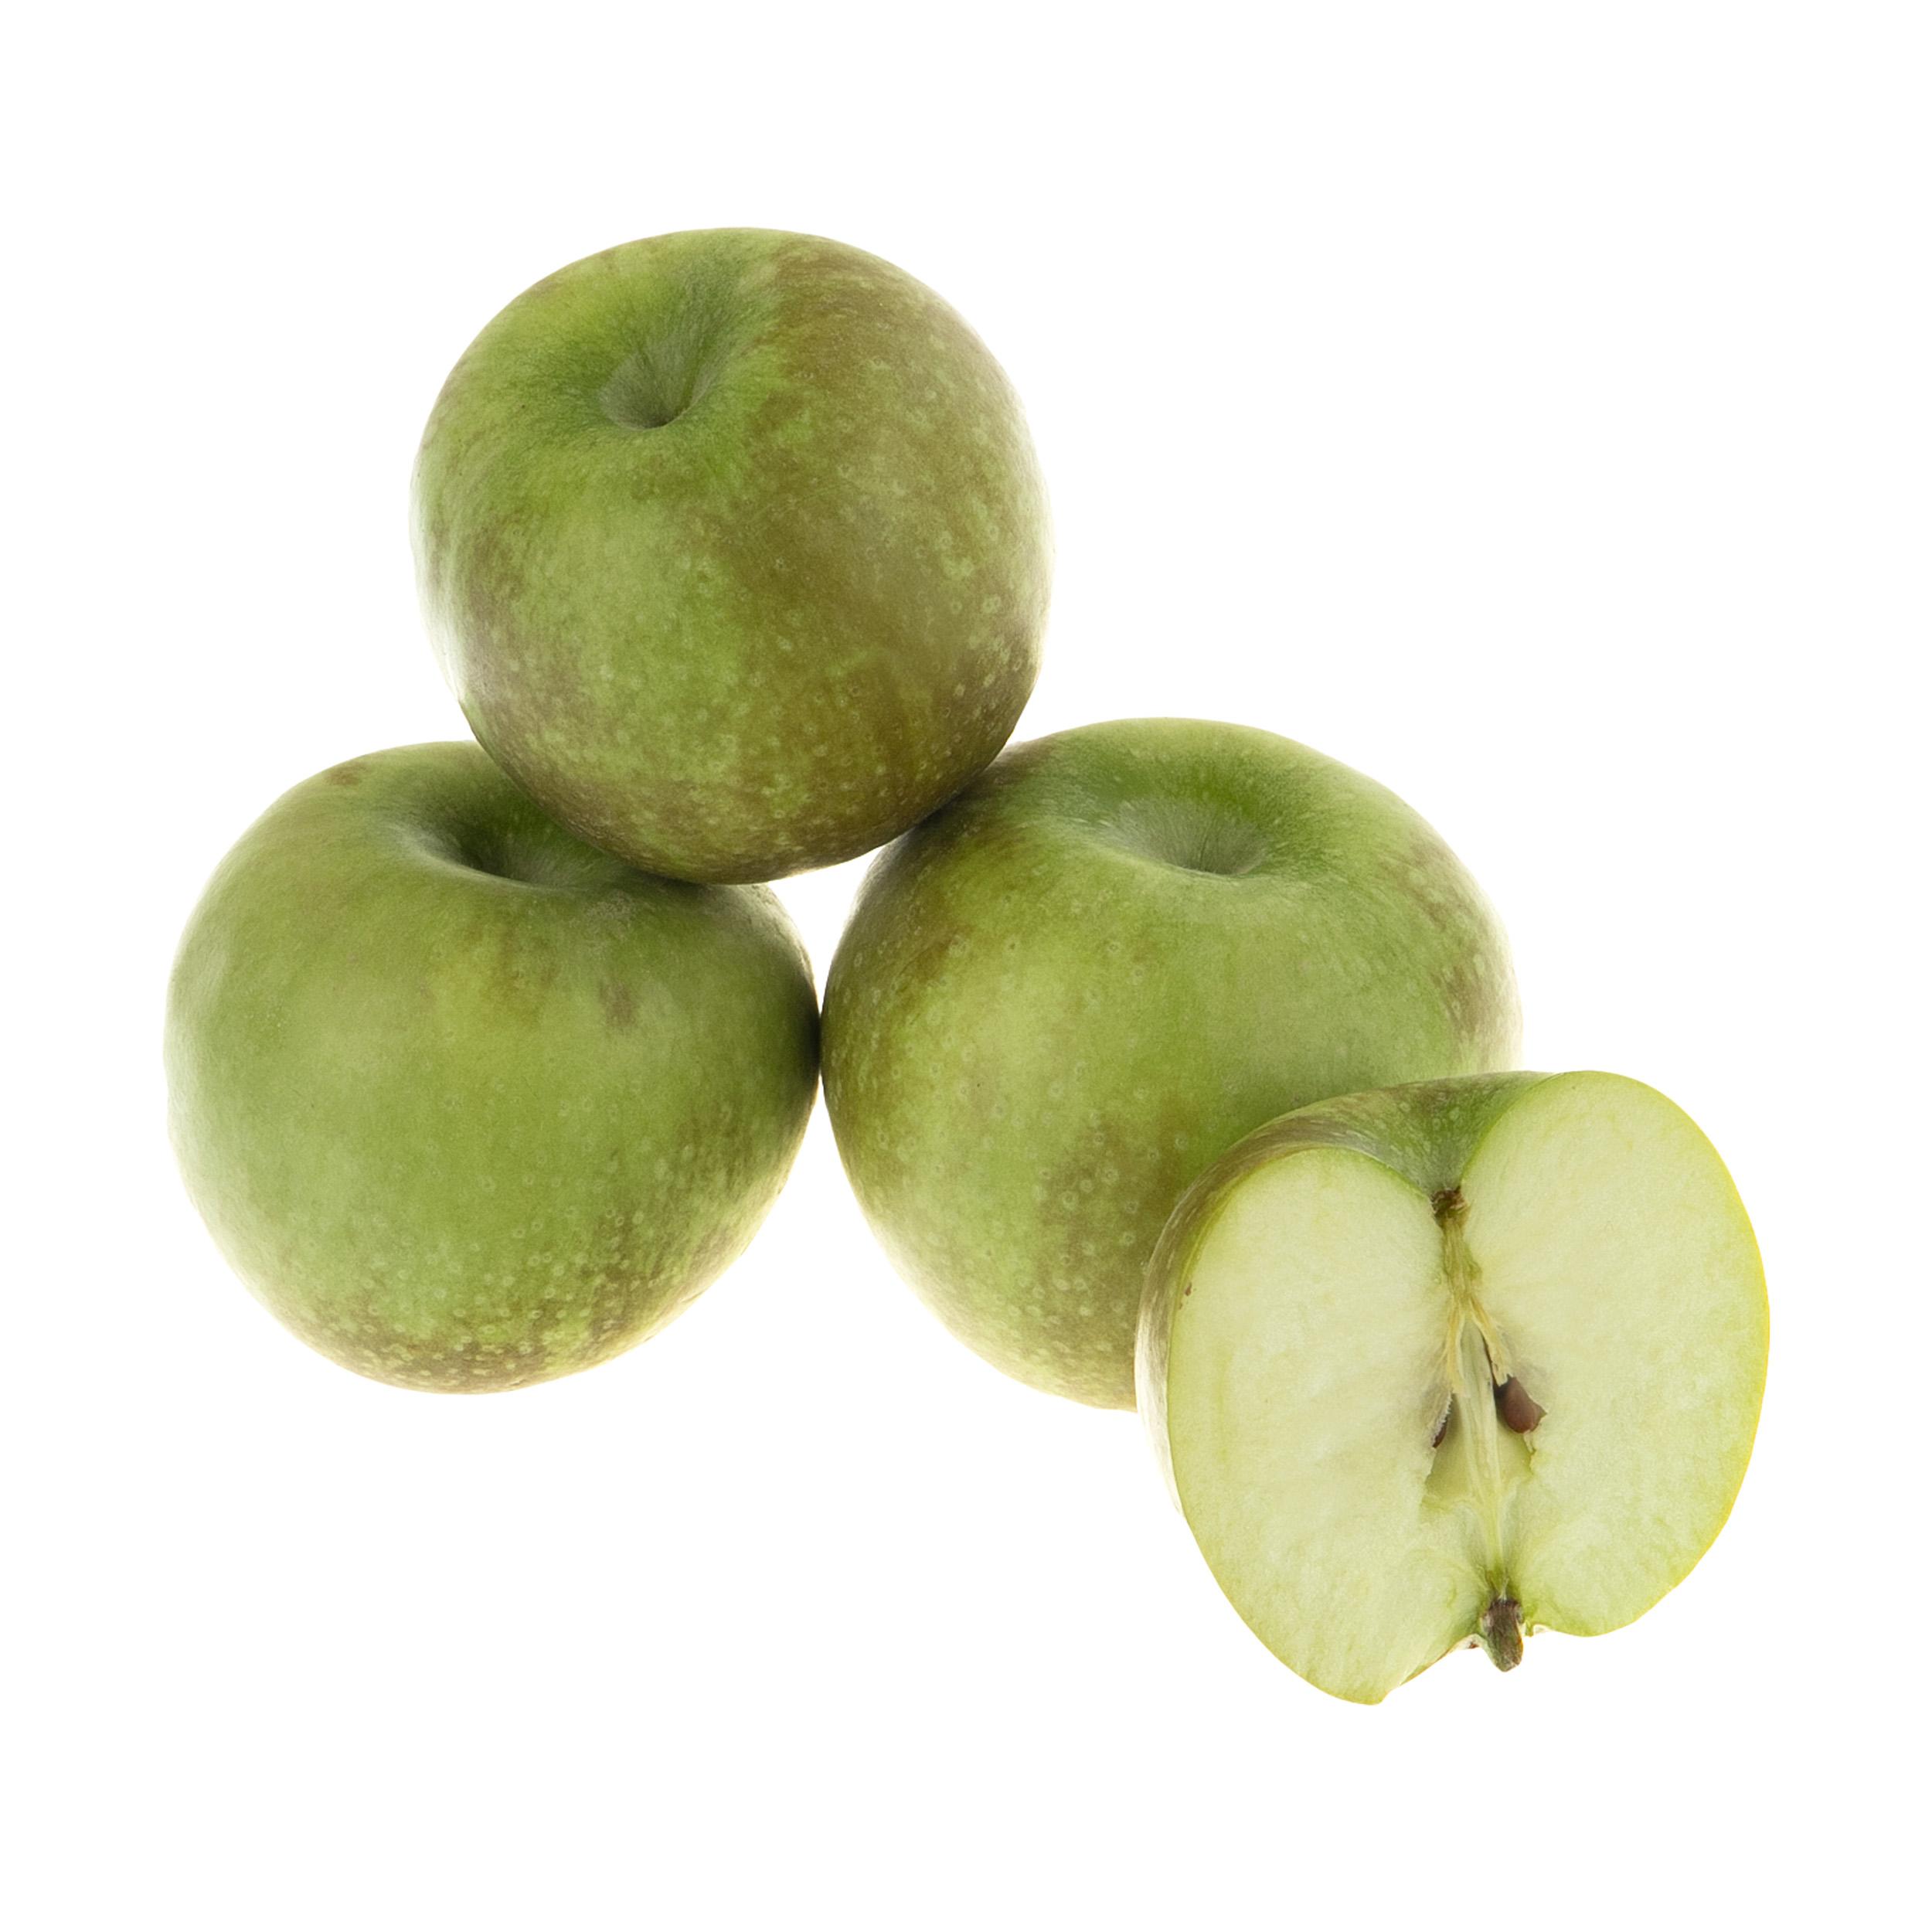 سیب سبز درجه 1 بلوط - 1 کیلوگرم